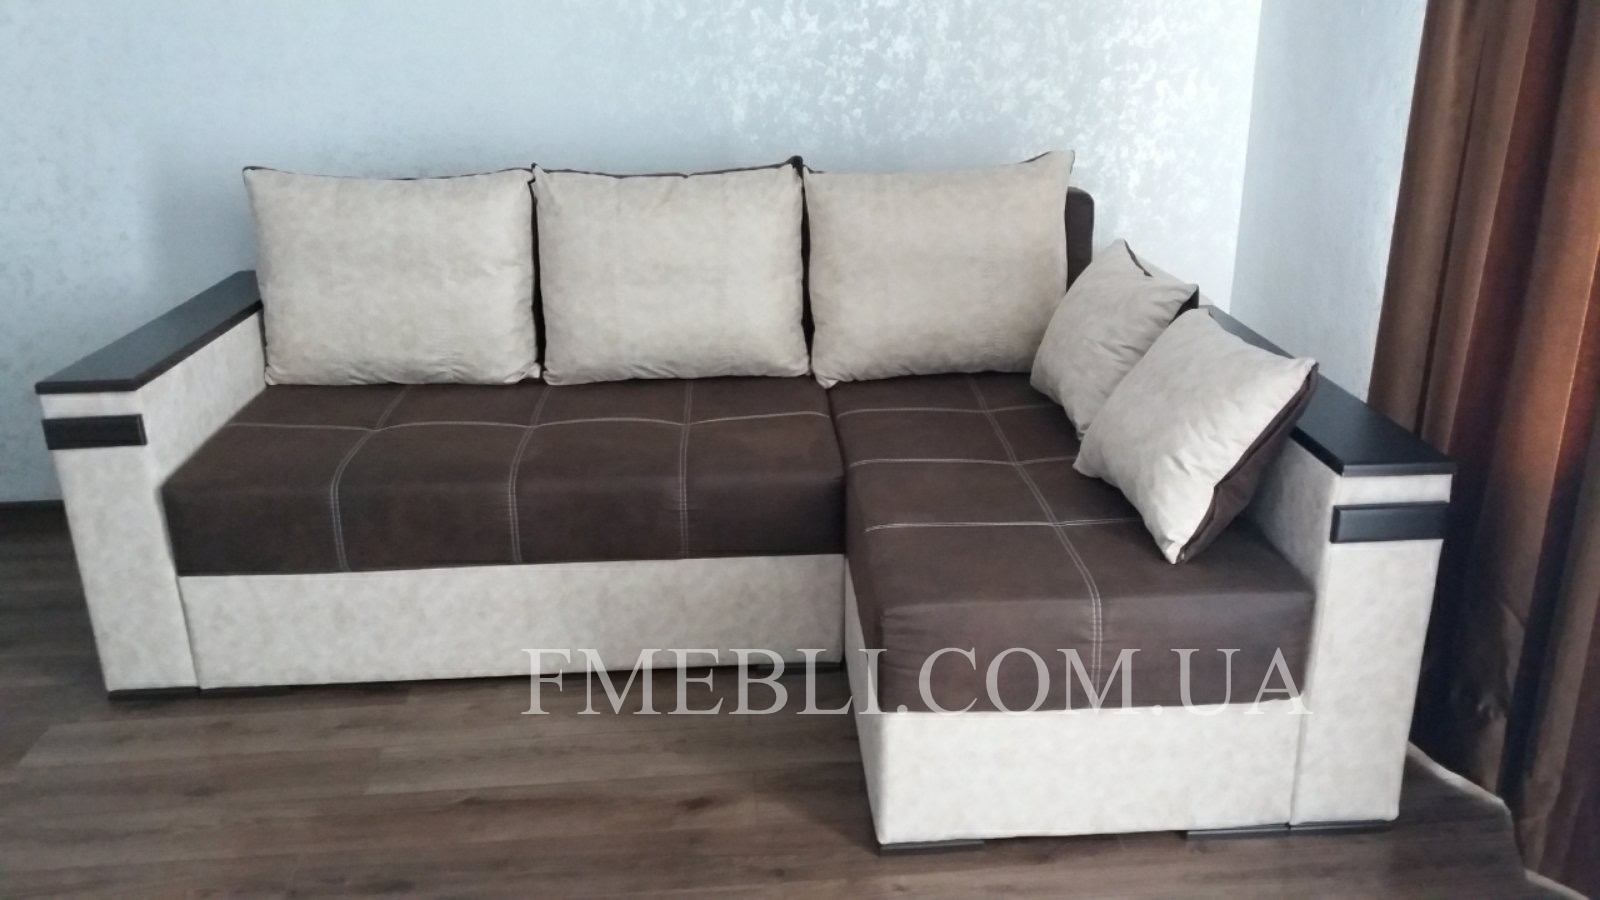 Кутовий диван Легінь 2 +Відеоогляд 1